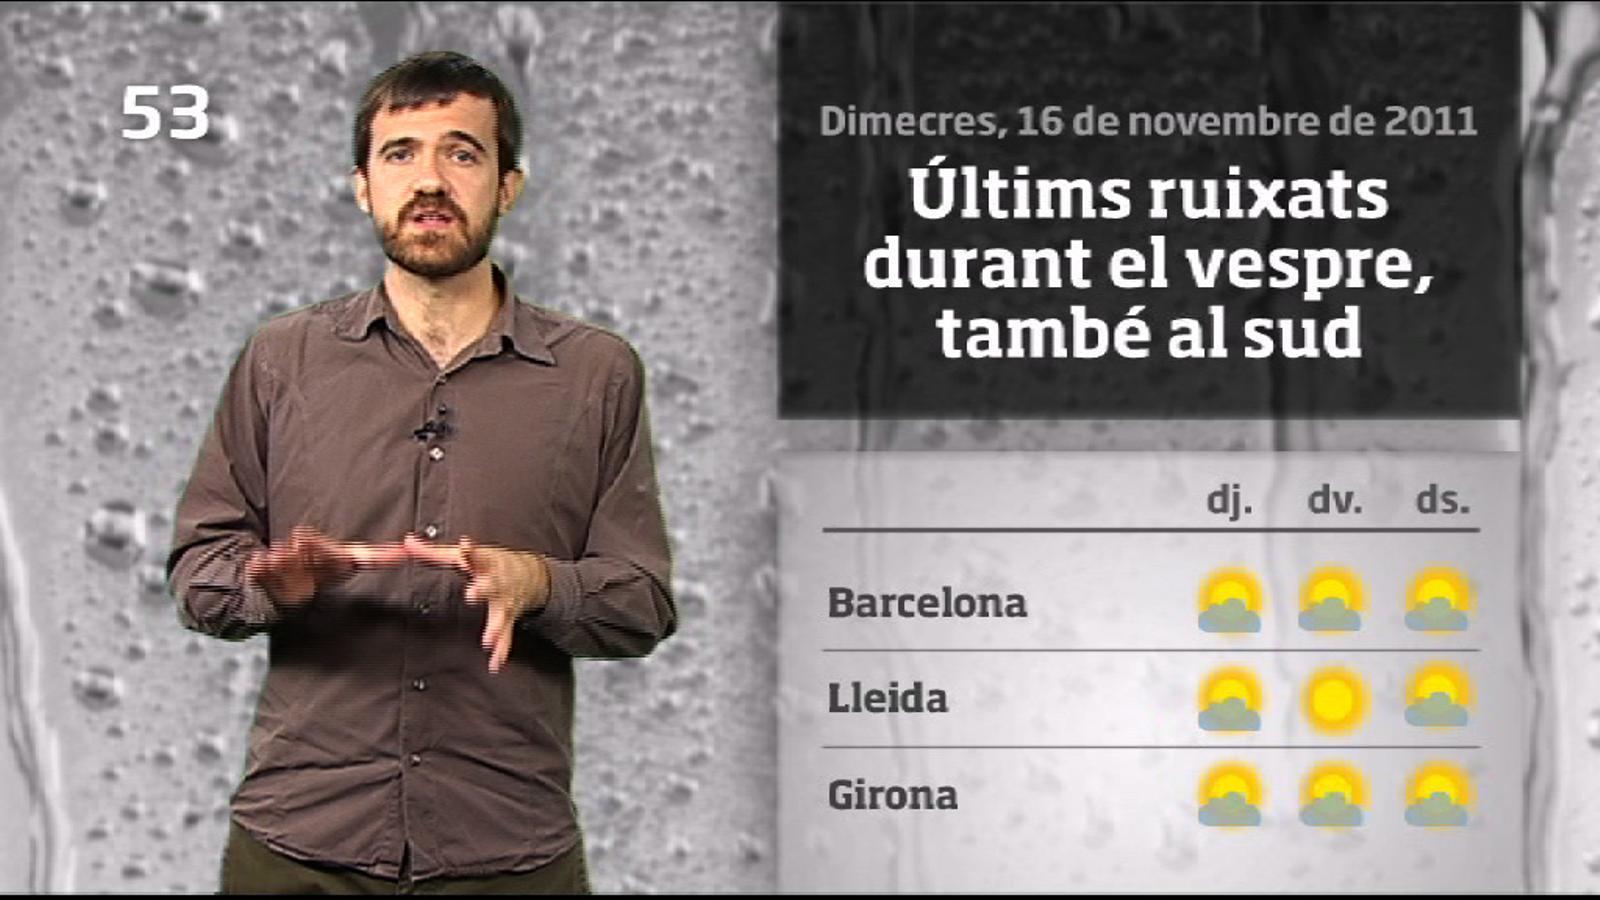 La méteo en 1 minut: s'acaben les pluges (17/11/2011)